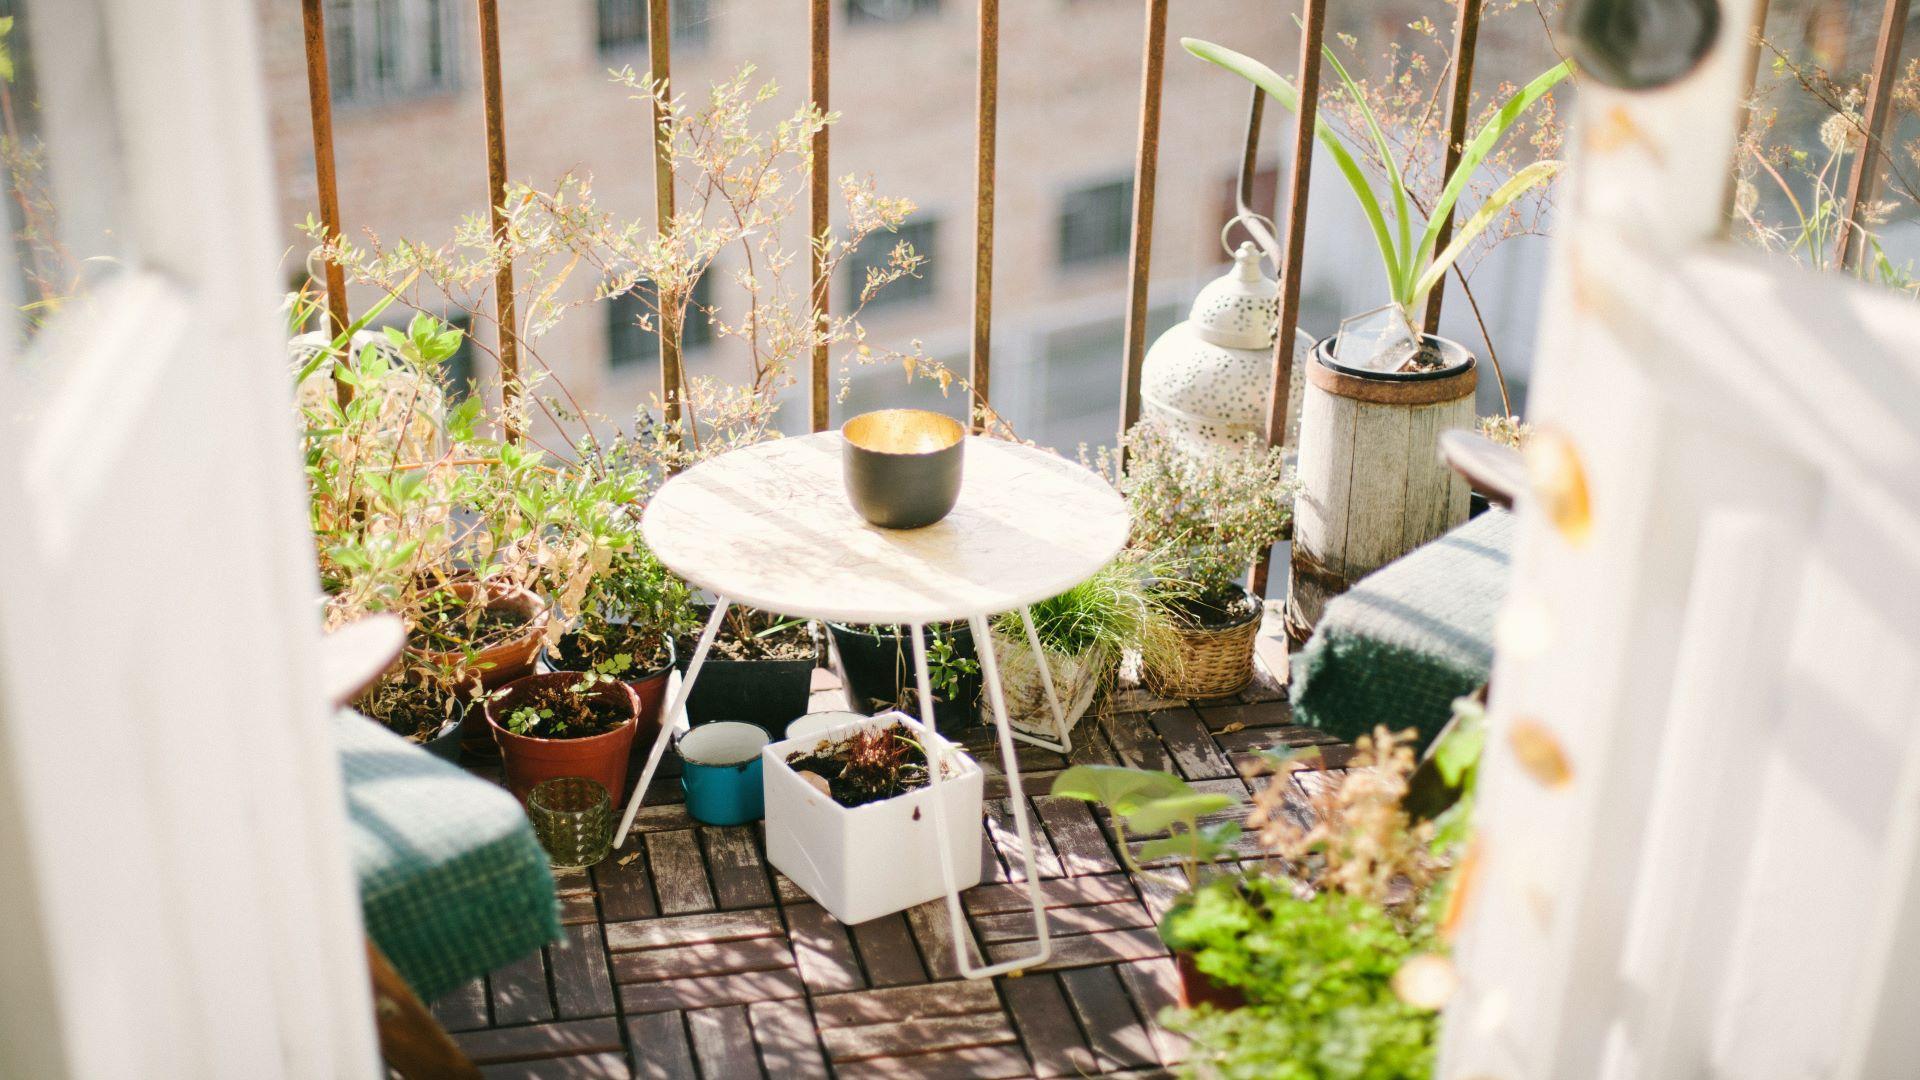 Bodenbelag für Dachterrasse: Diese Materialien eignen sich